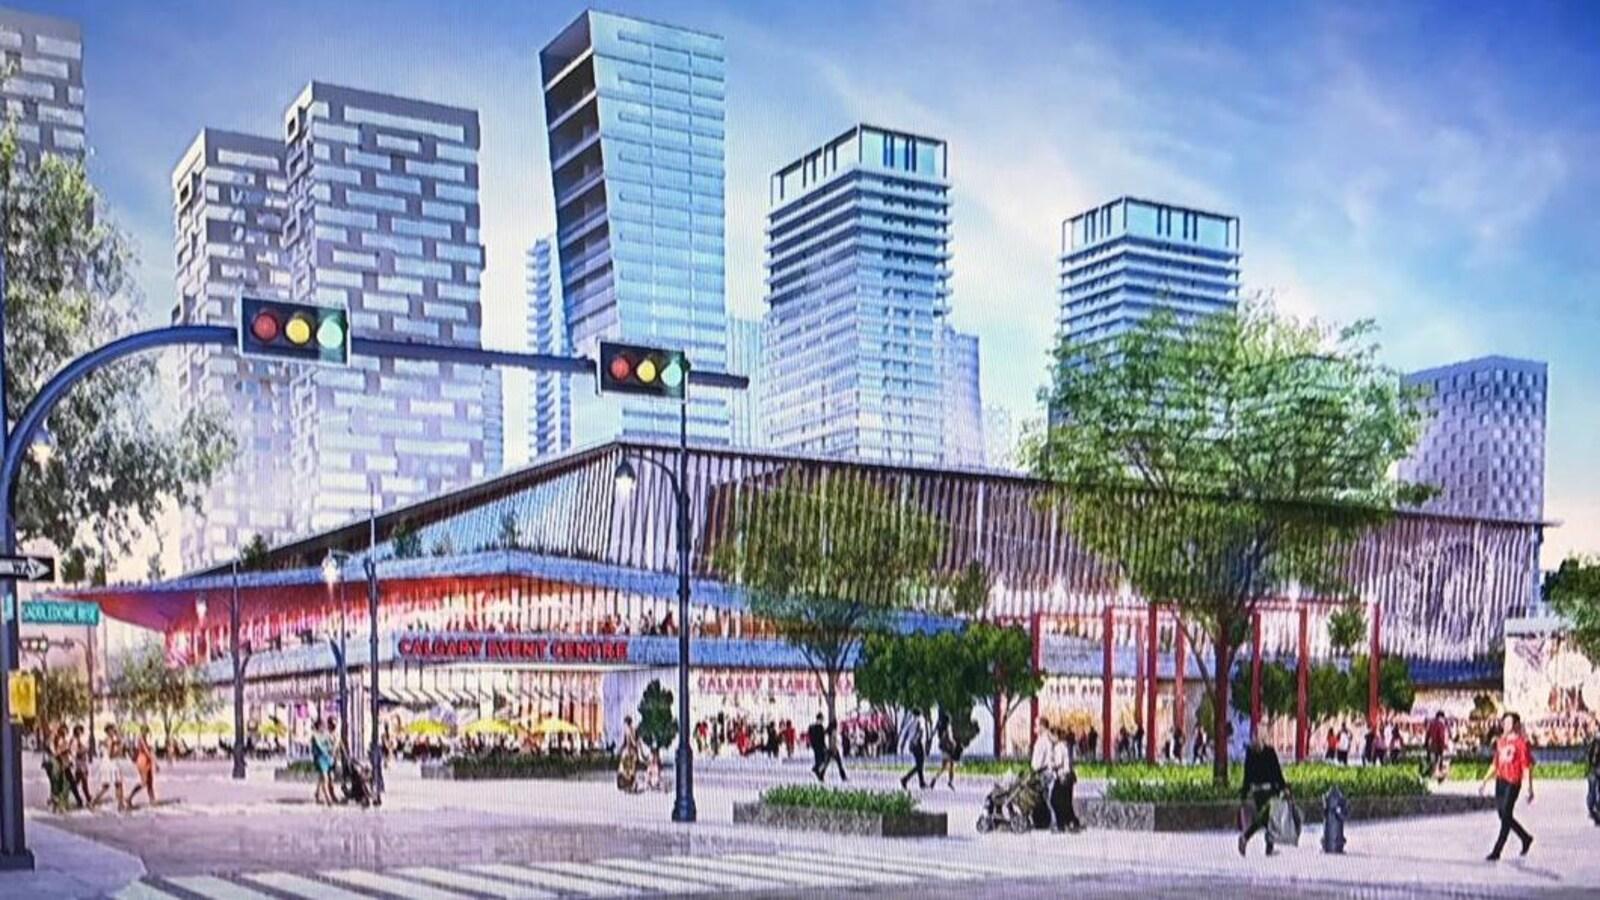 Un dessin du nouveau stade entouré de piétons et de gratte-ciels.